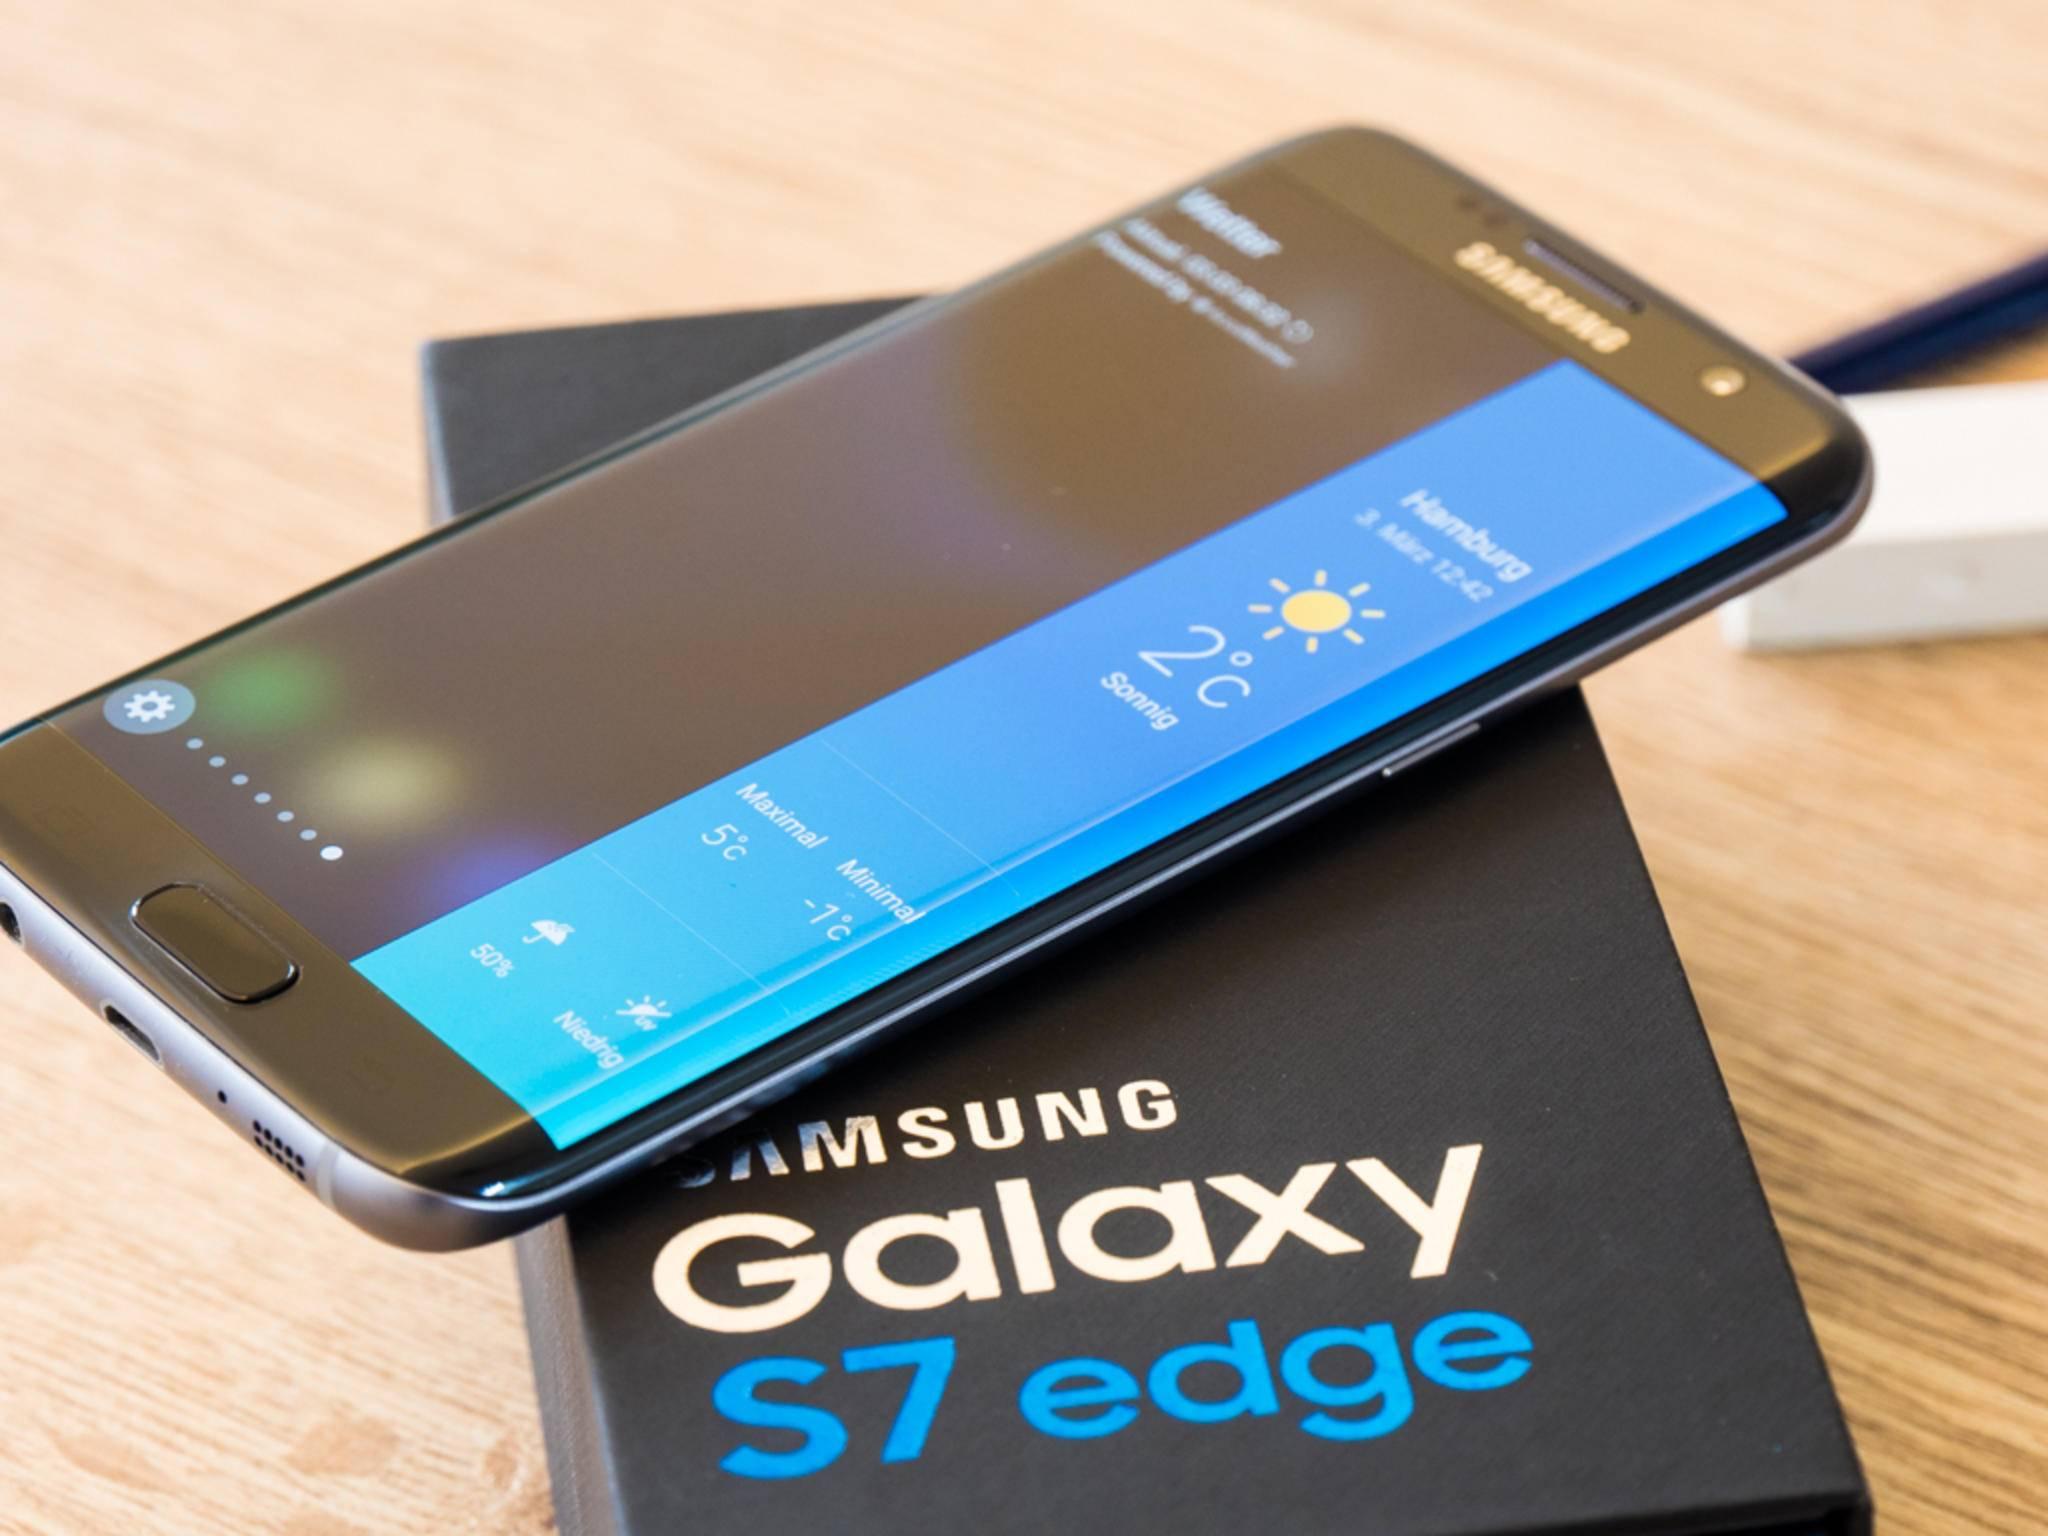 Der Edge-Screen beim Galaxy S7 Edge könnte Probleme machen.